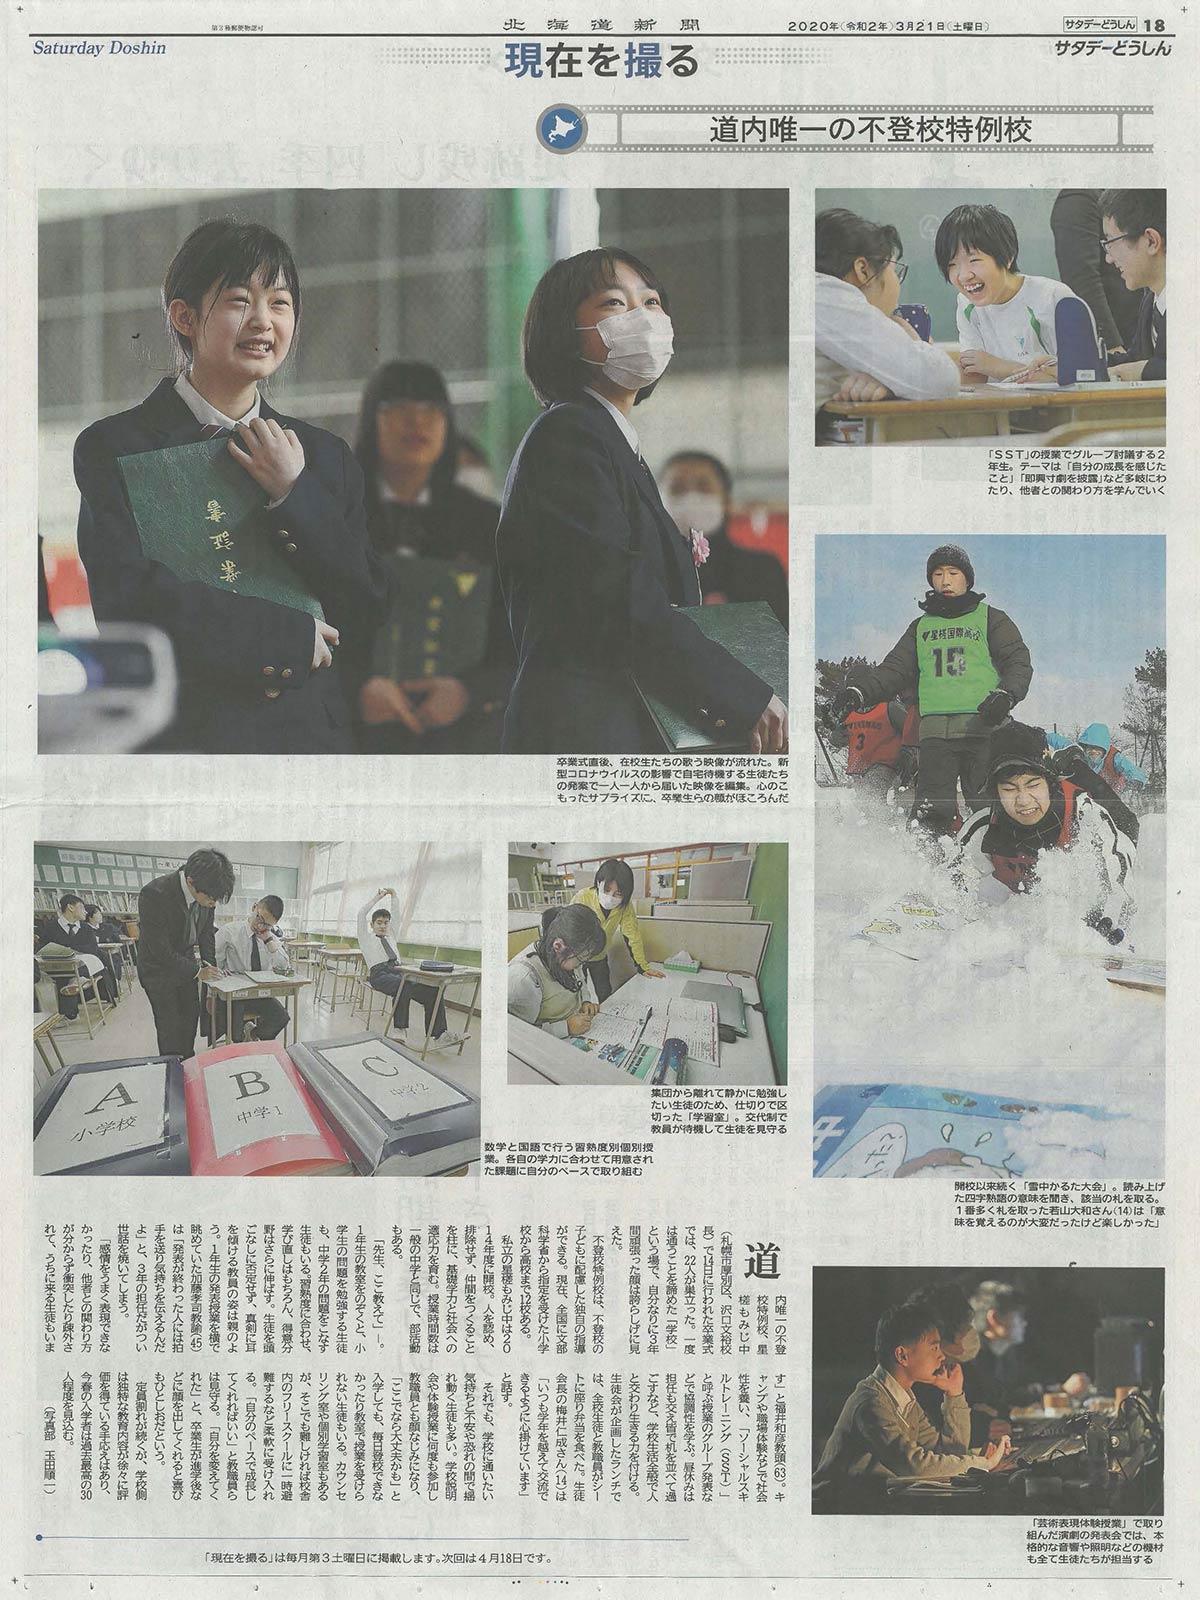 星槎もみじ中学校(北海道札幌市)がメディアに掲載されました。